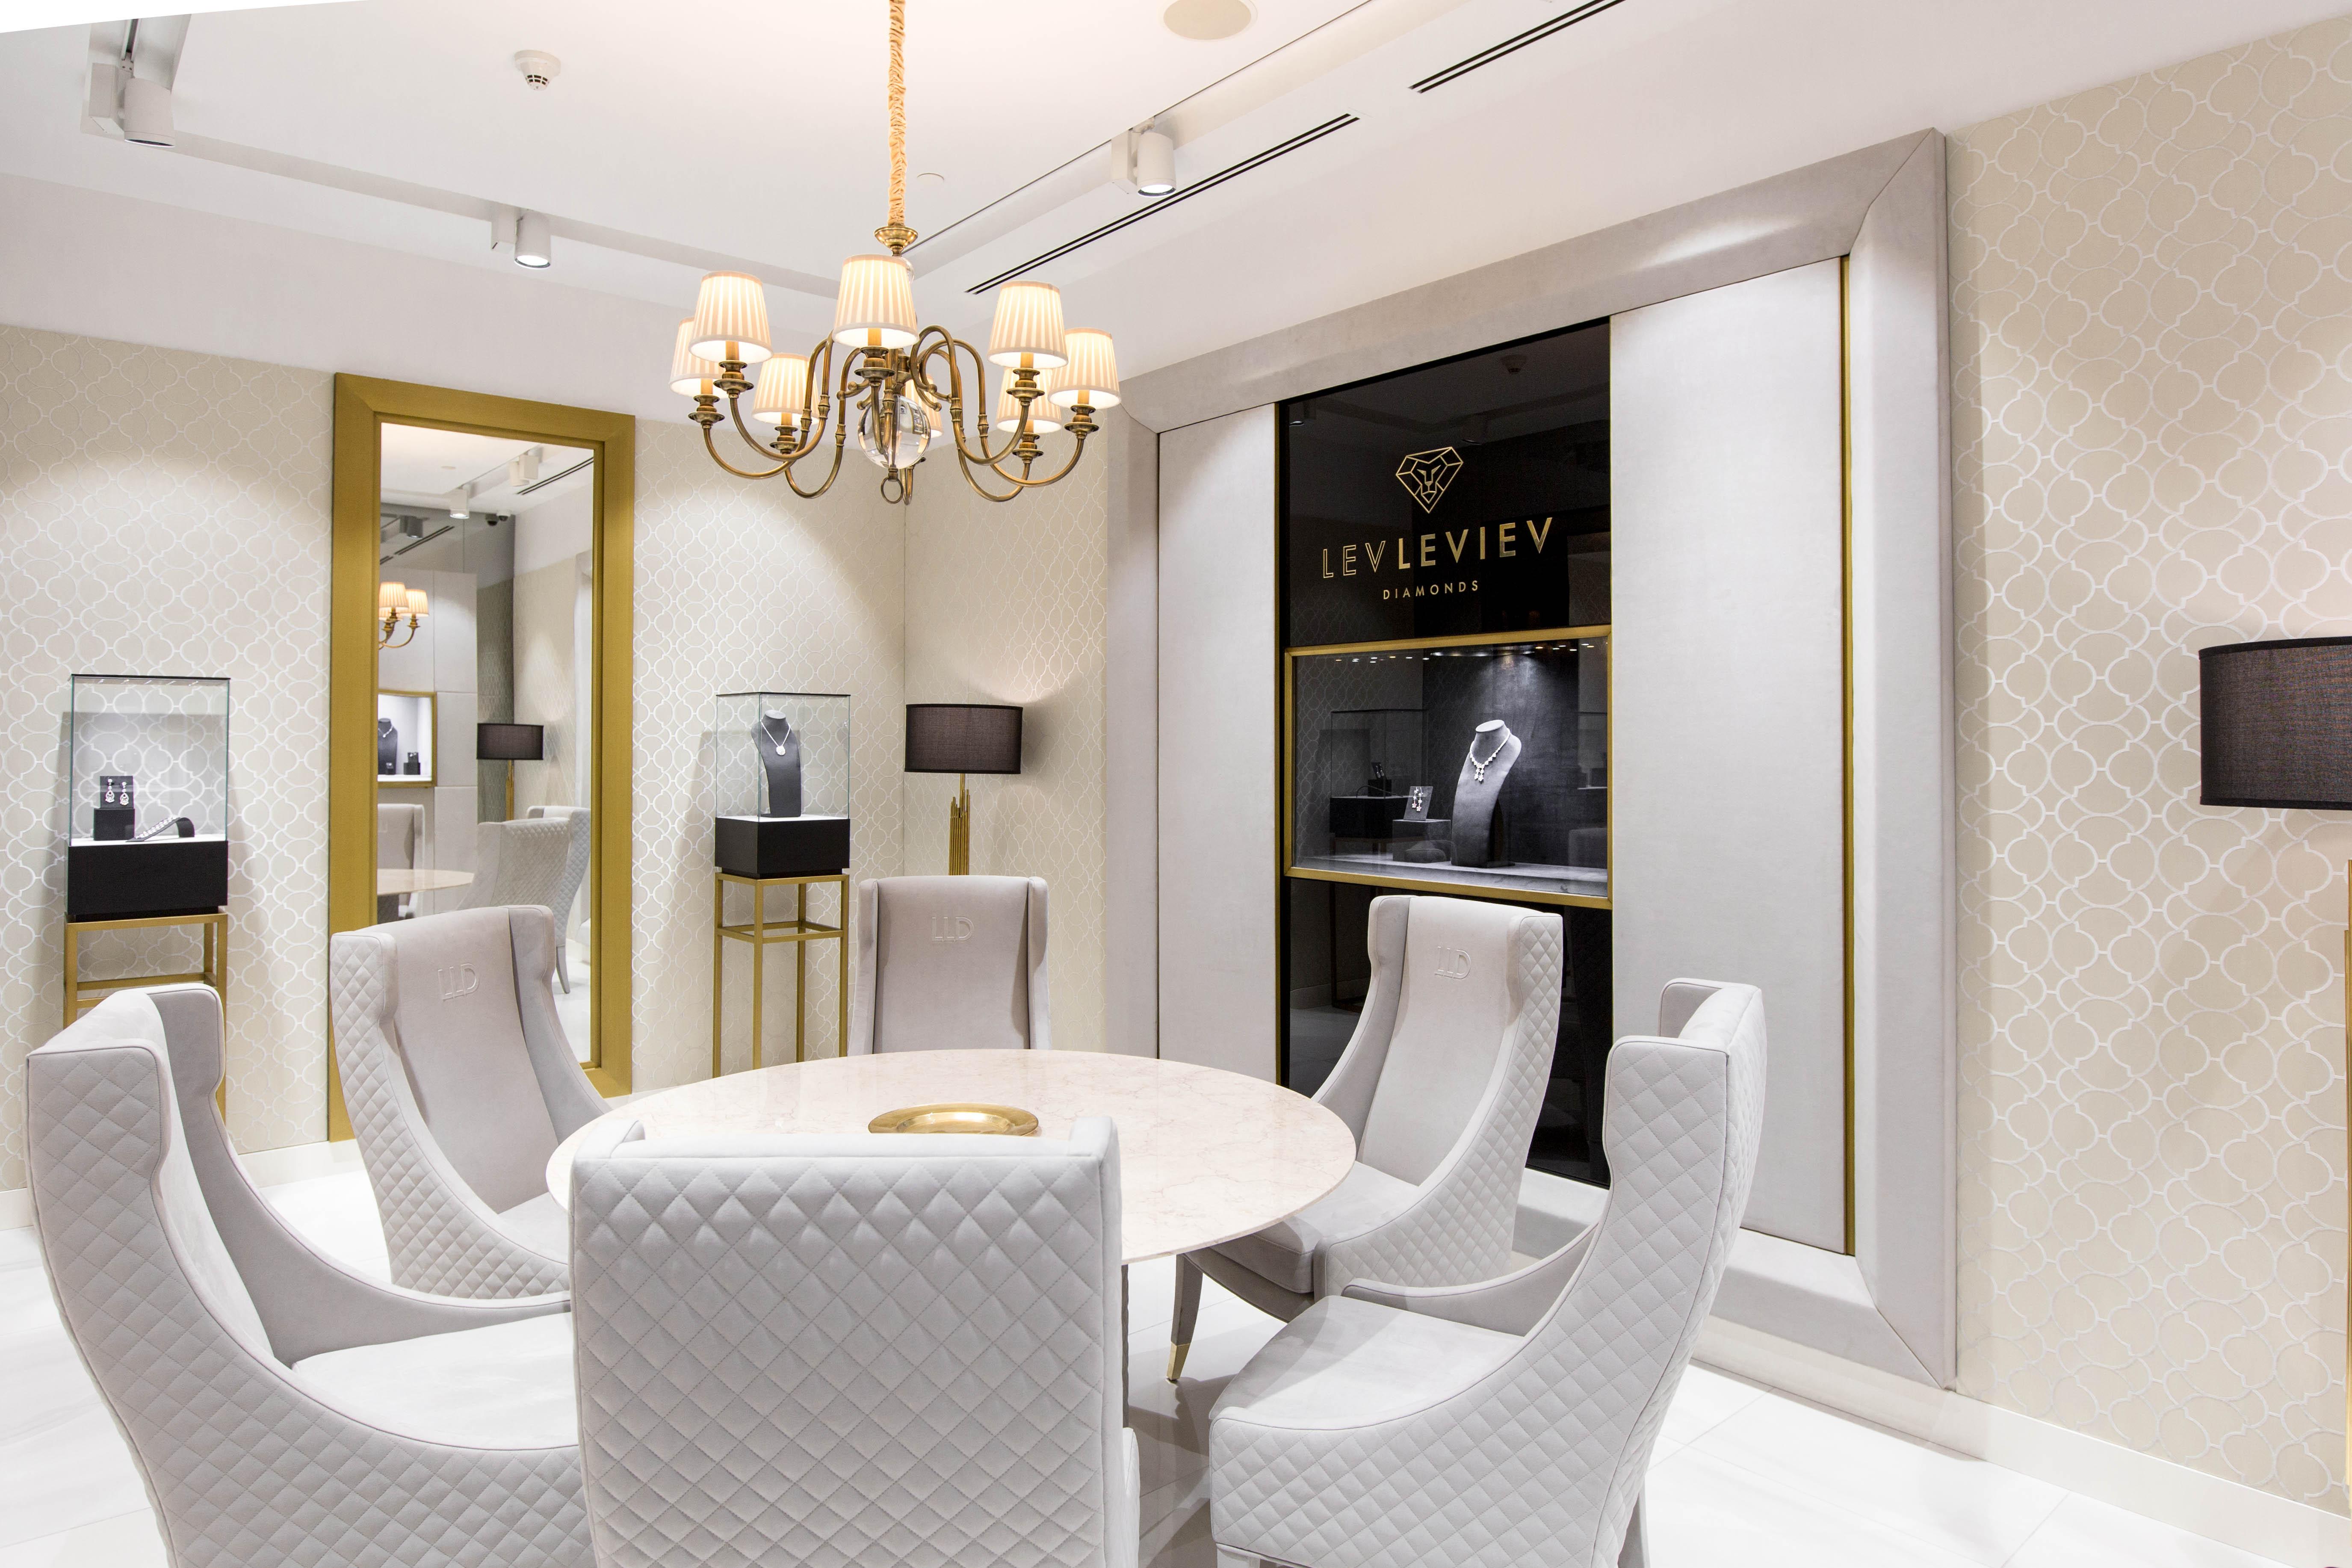 Ювелирный бутик Lev Leviev Diamonds